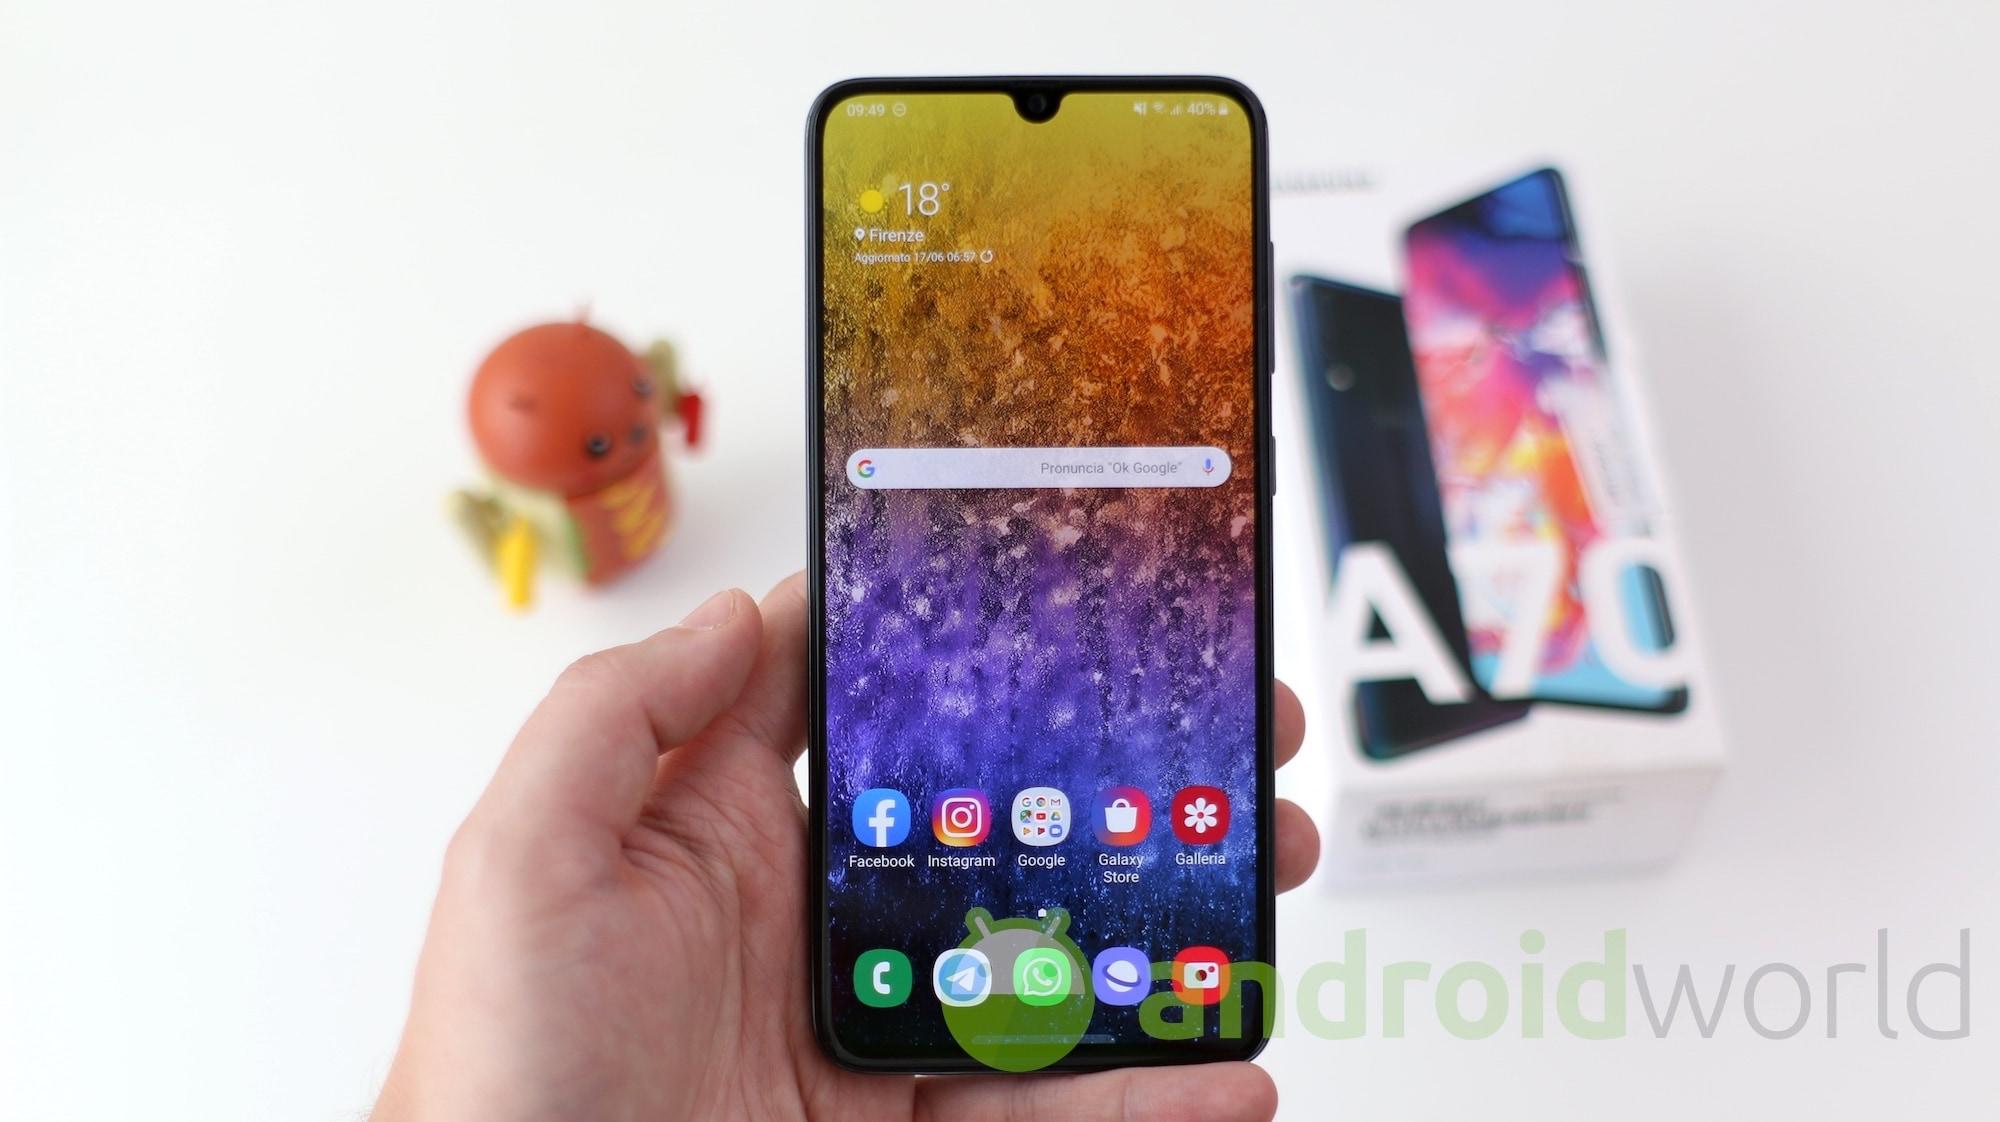 Alcuni Samsung Galaxy A70 non si accendono più dopo l'aggiornamento ad Android 10 (aggiornato: rilascio interrotto)